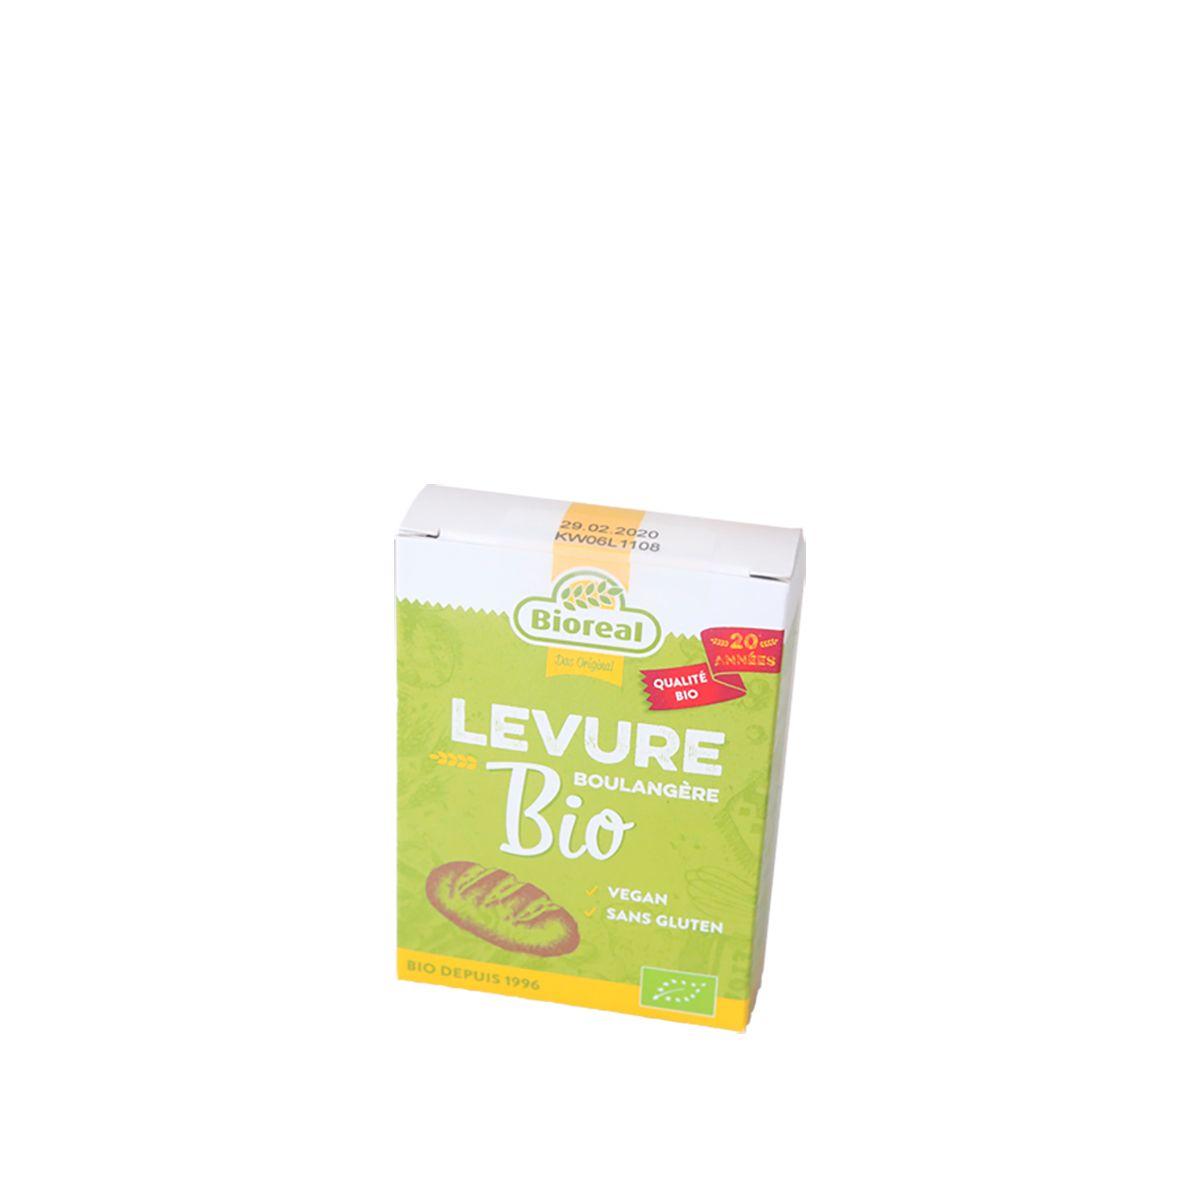 Levure sèche bio et sans gluten 5x9gr - Bioreal